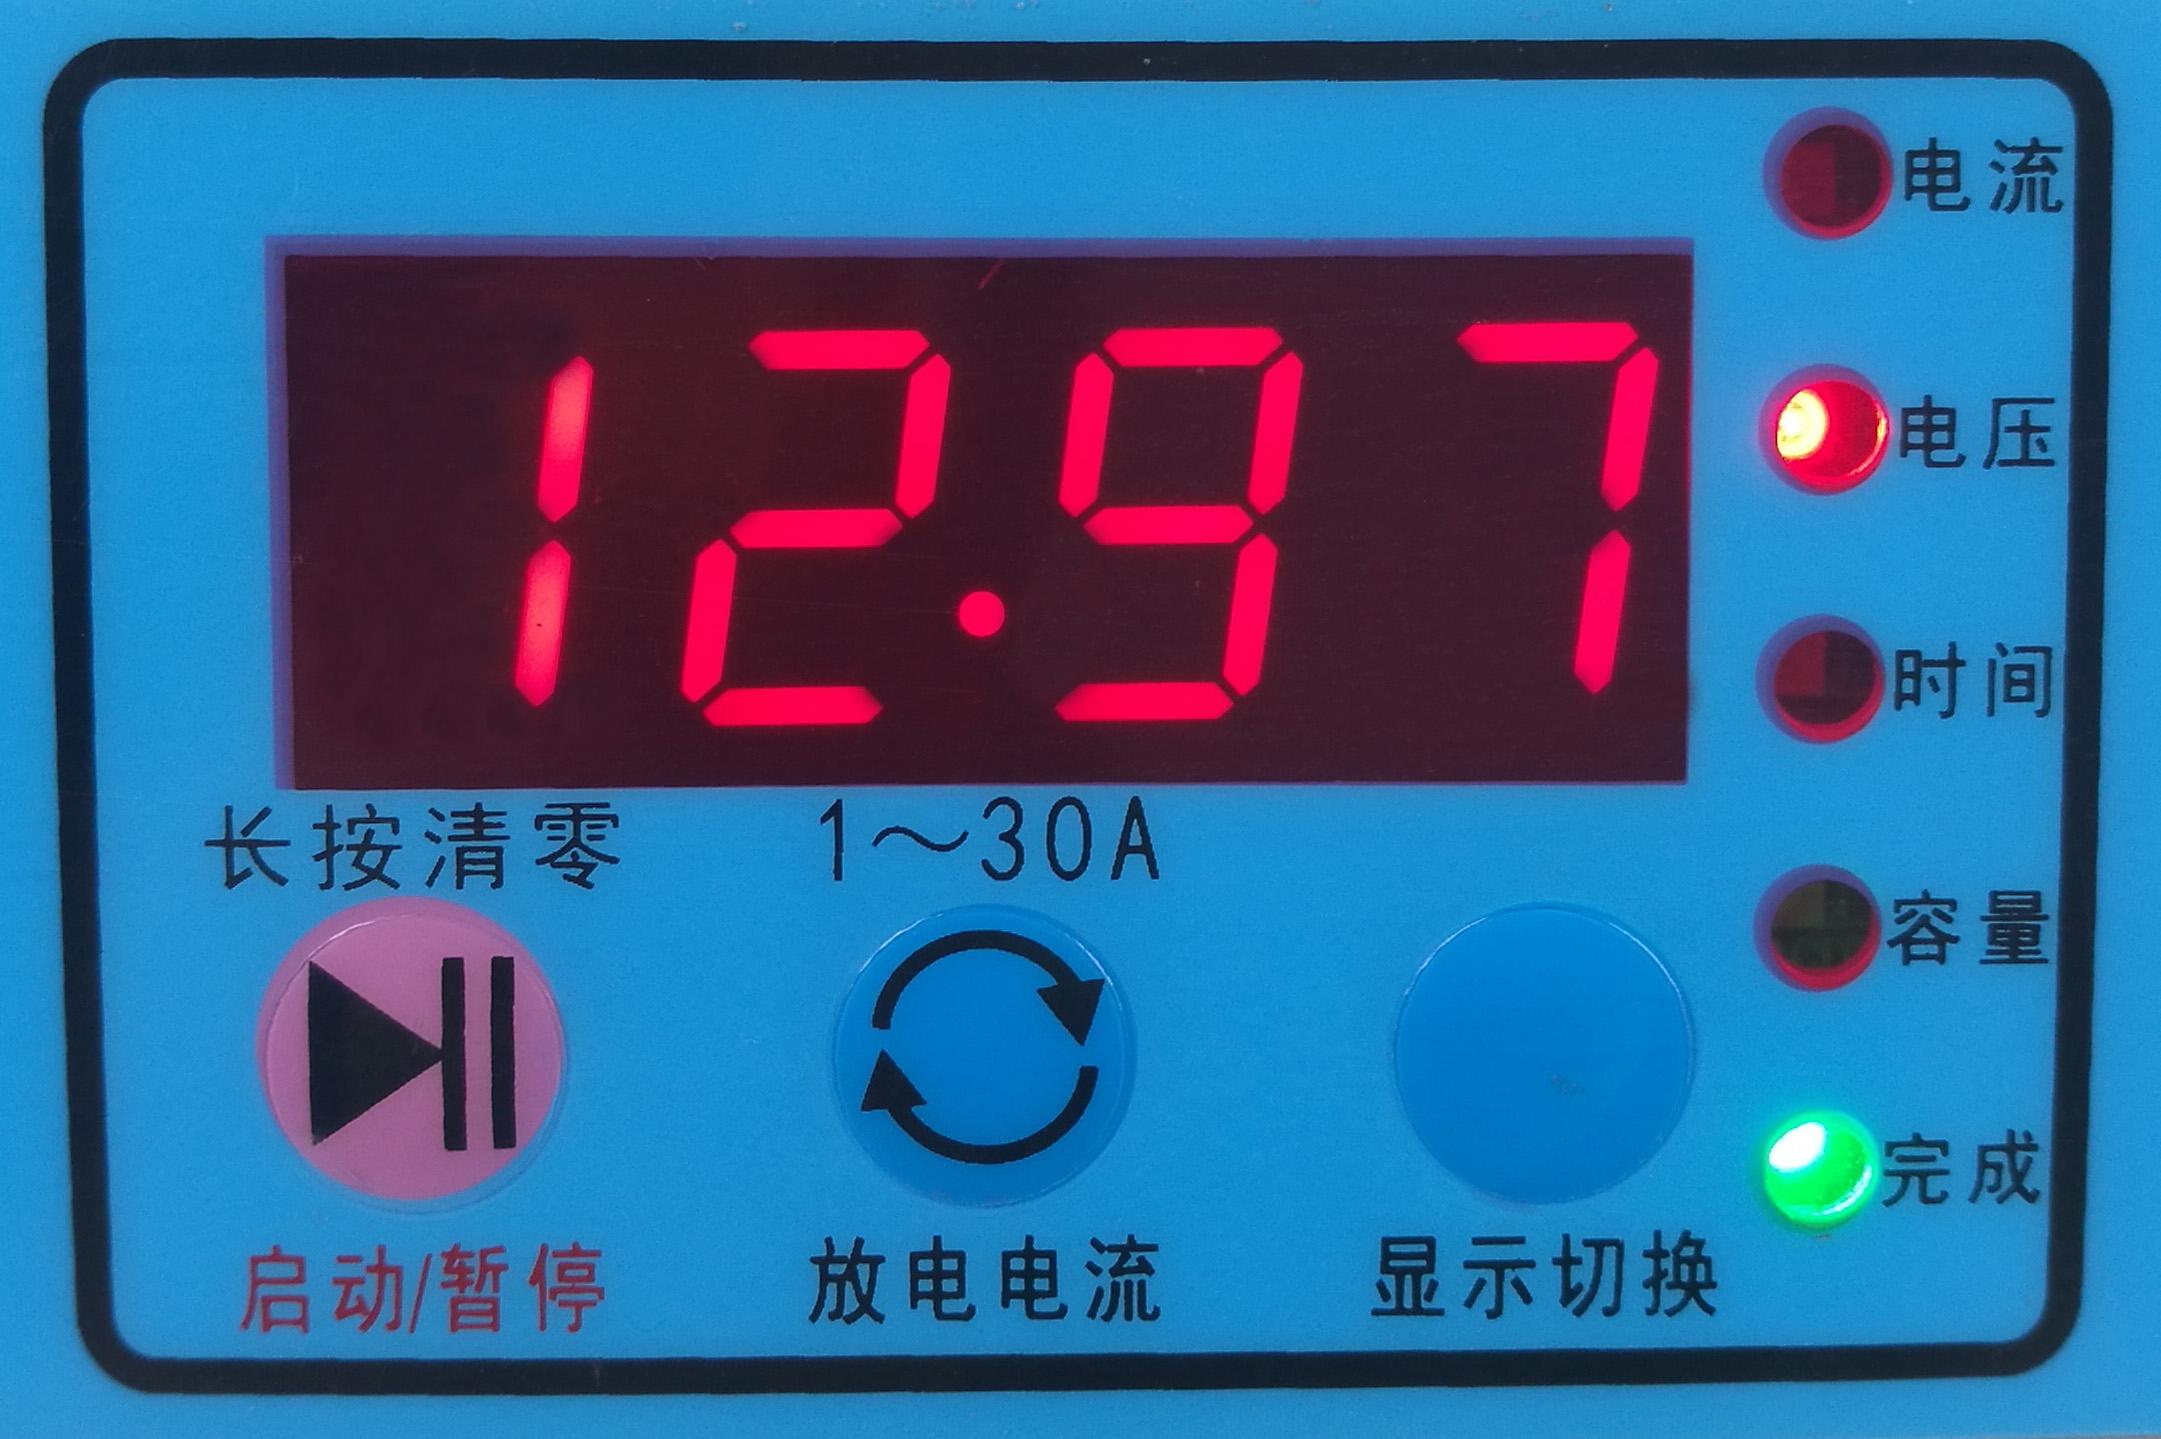 蓝光六路 6*30A蓄电池放电检测仪 D6S 30